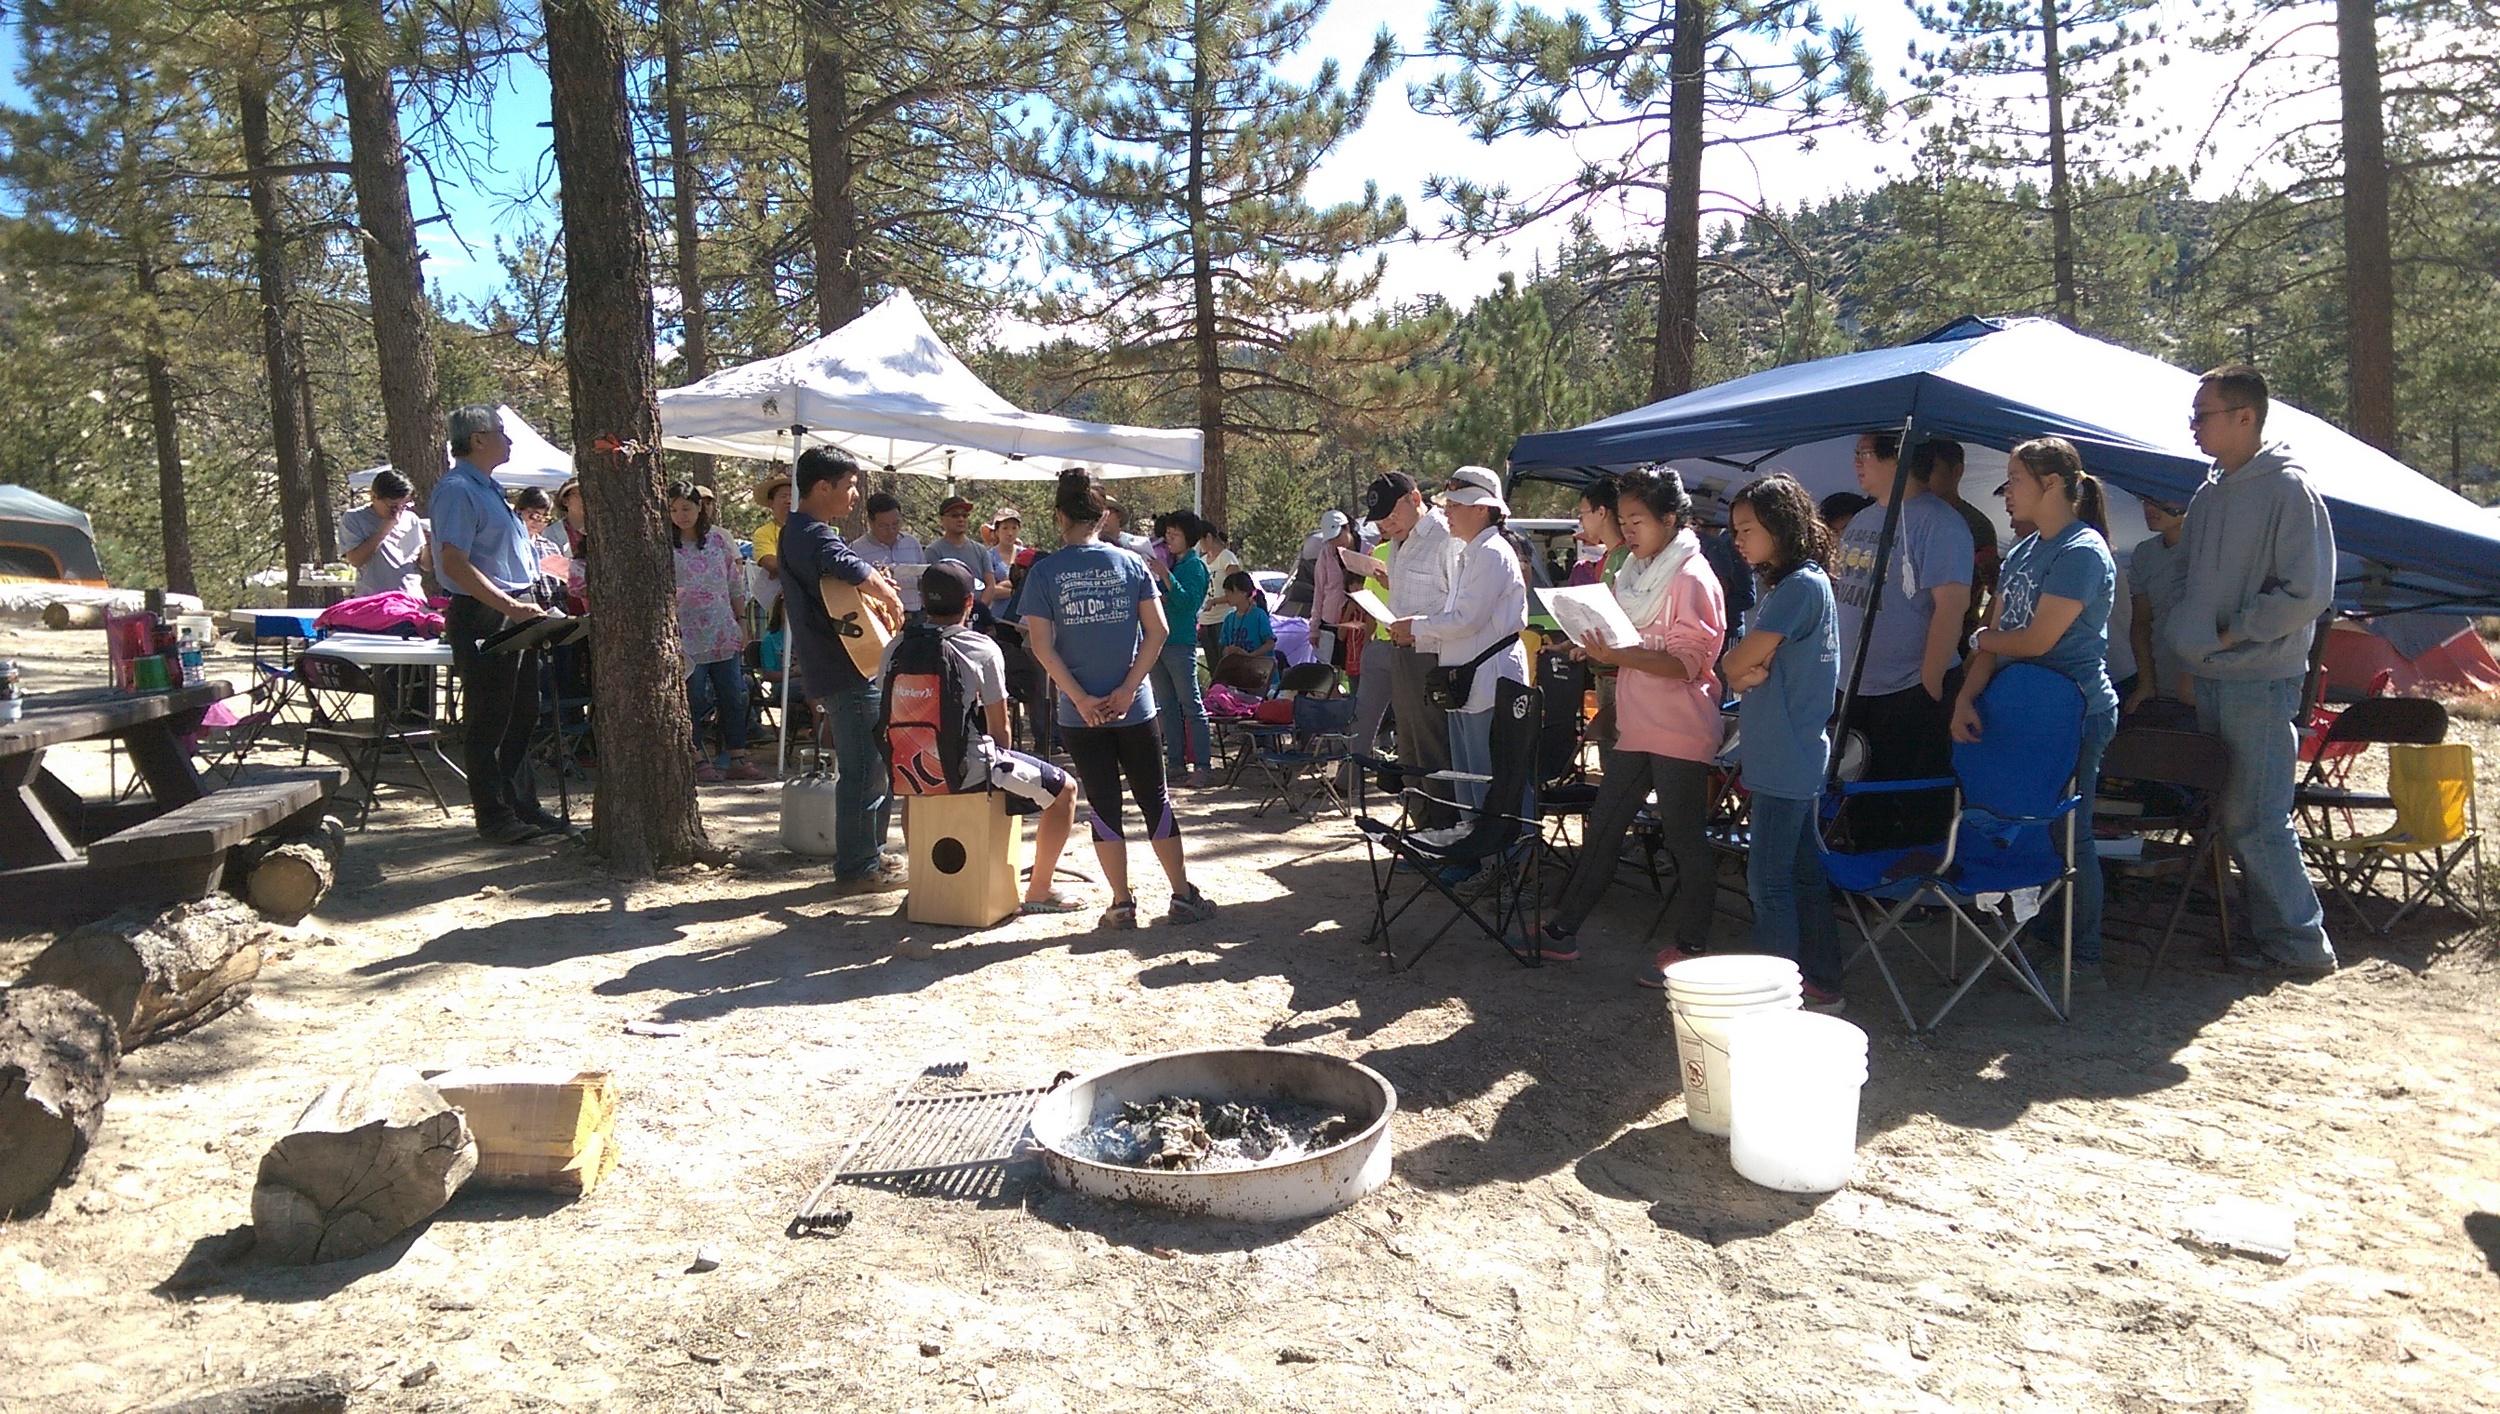 露營 聚會 2015